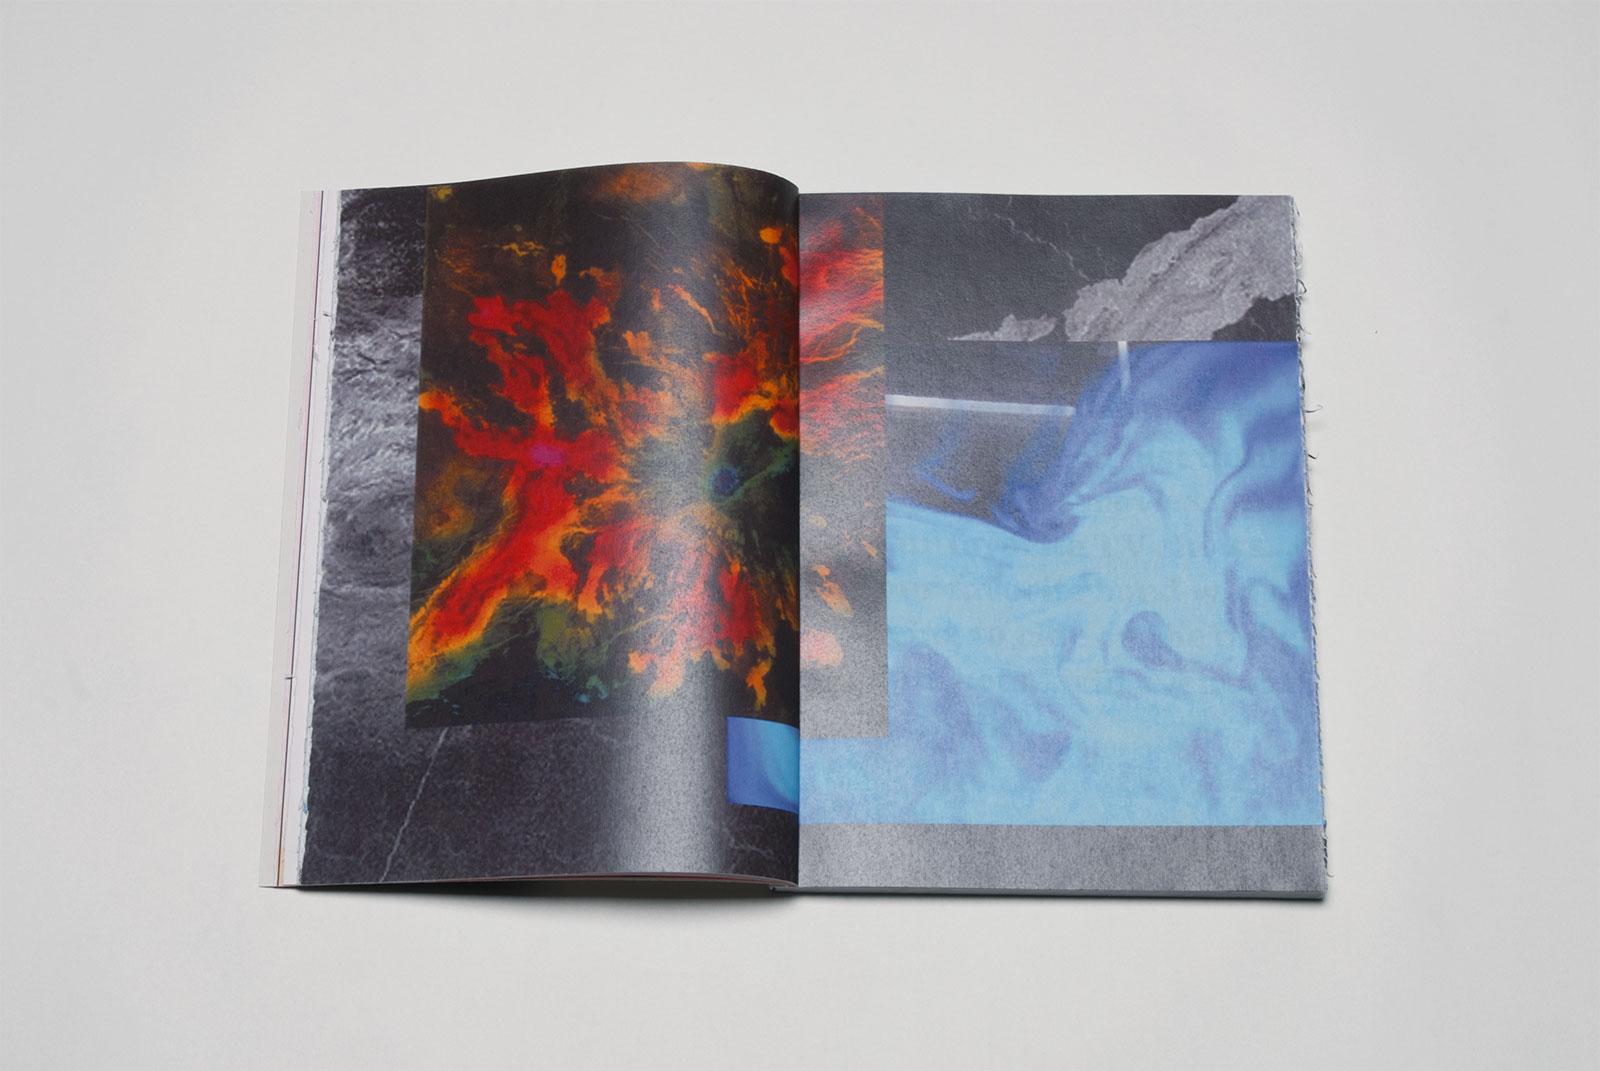 $5-poetry-book-wilco-monen-05.jpg